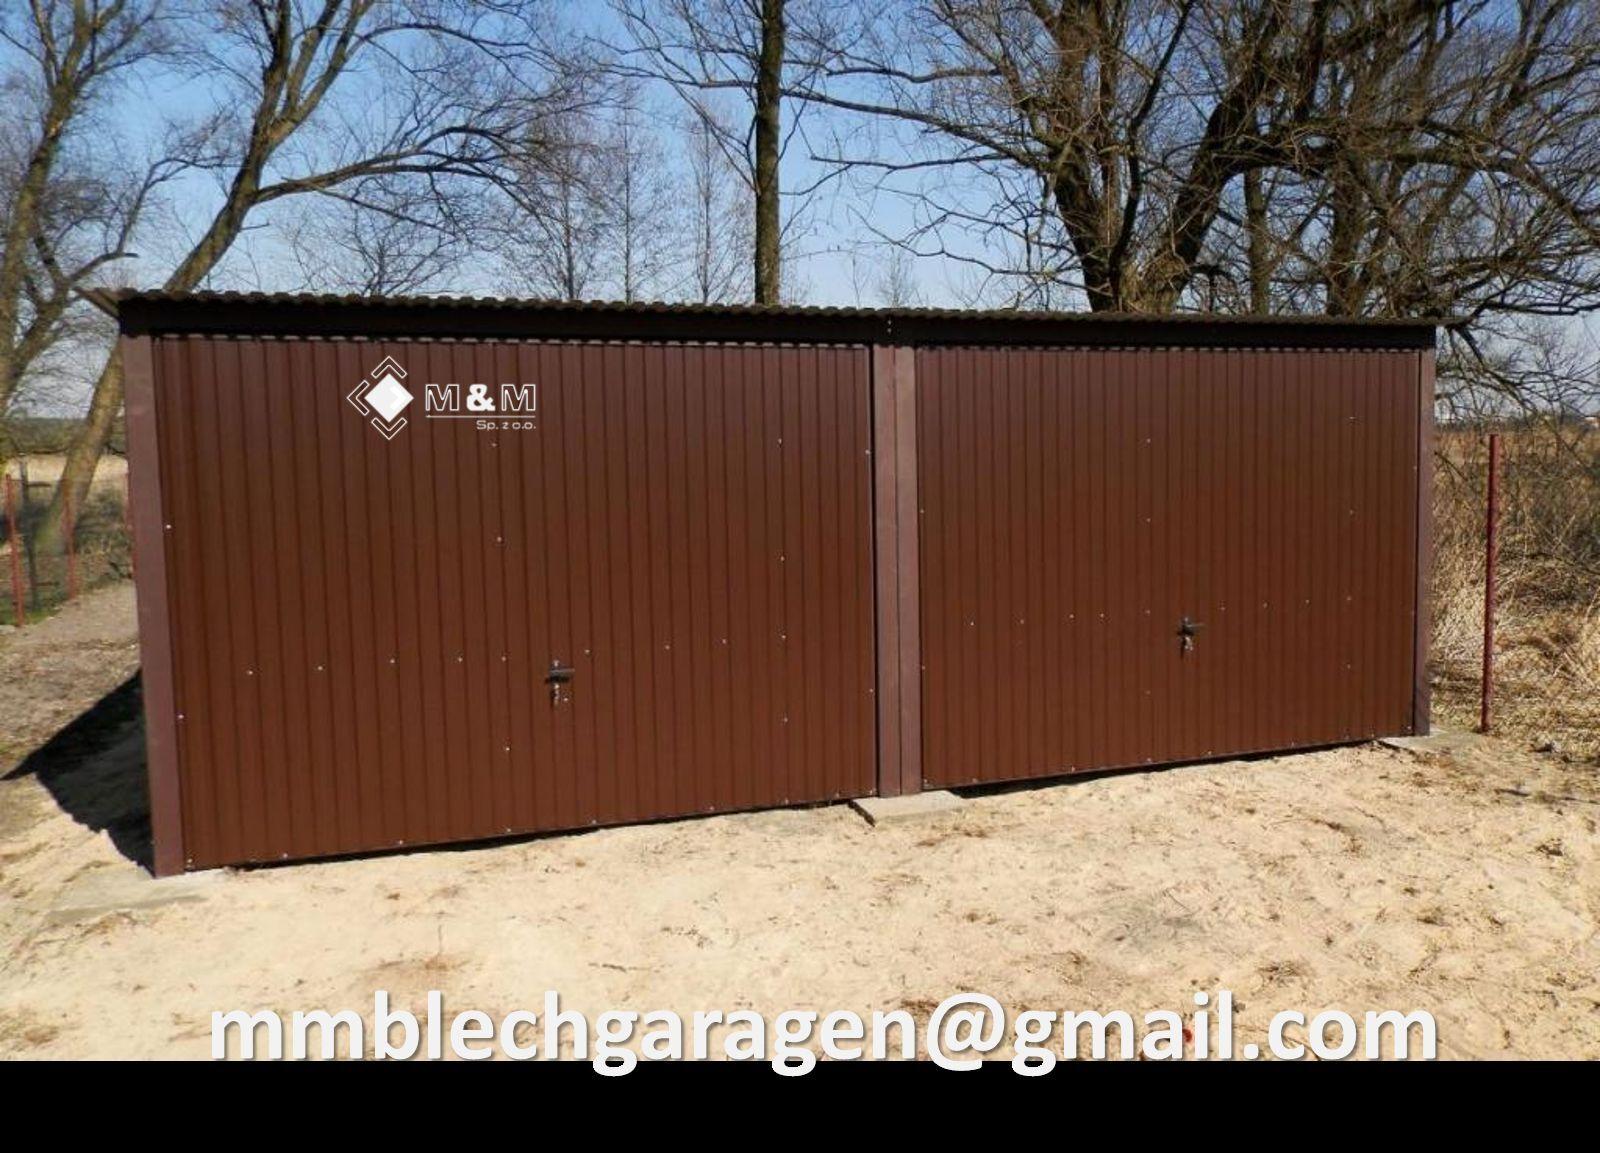 Blechgarage Blechgaragen Lager Lagerhalle Fertiggarage 6x6,01x2,14 in RAL8017